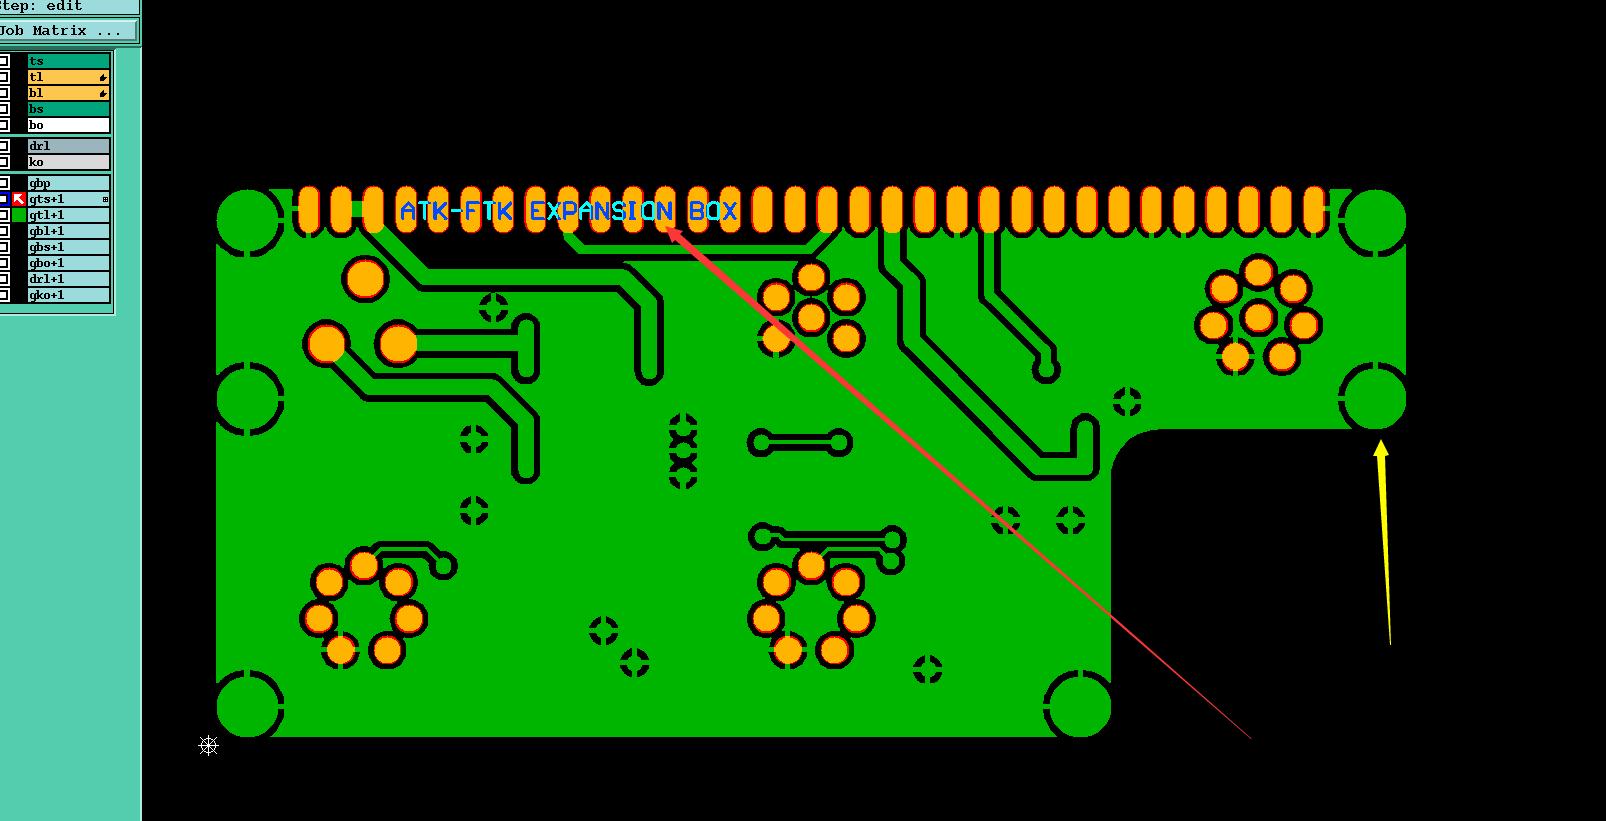 料号名称放错位置,与焊盘冲突造成短路示意图1